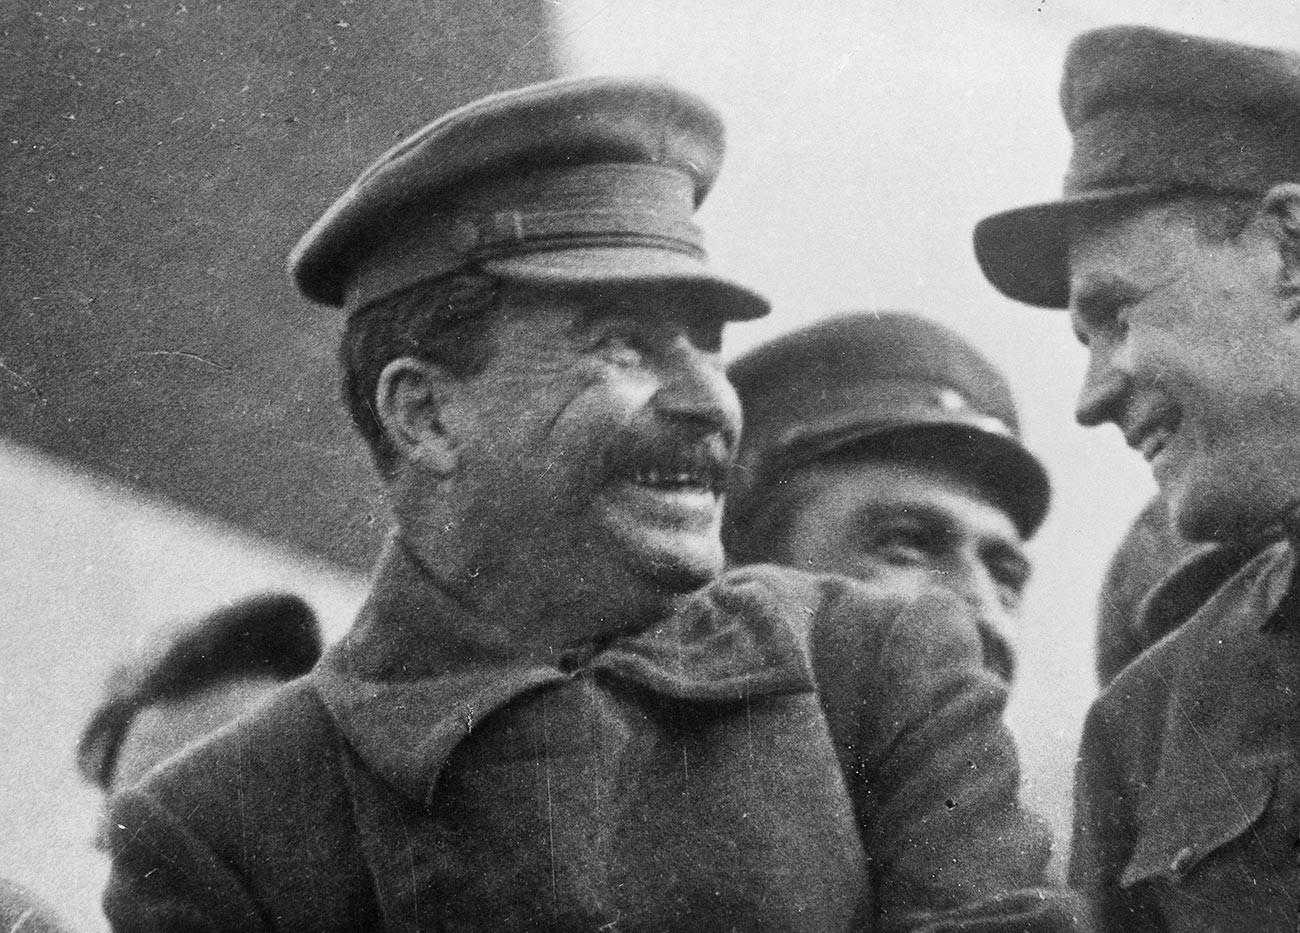 Stalin rindo (!) sobre o Mausoléu de Lênin